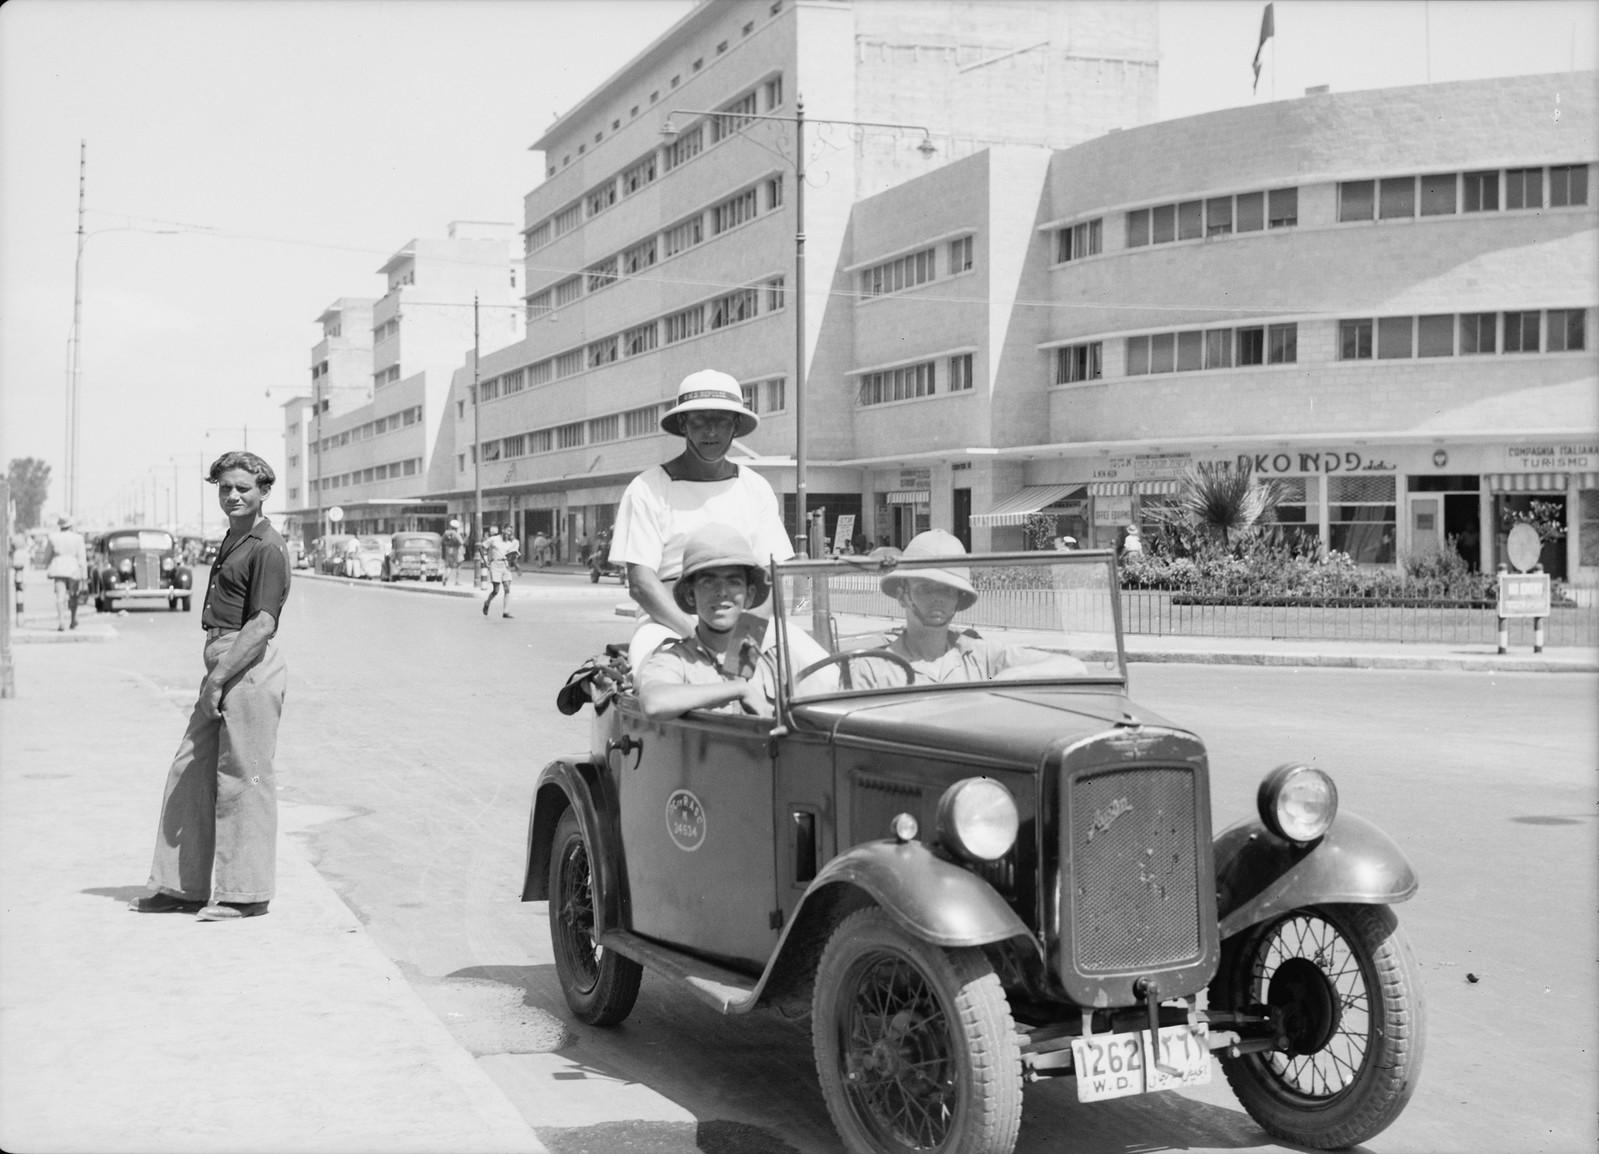 09. 1938. Патруль морской пехоты на Кингс-Уэй в Хайфе